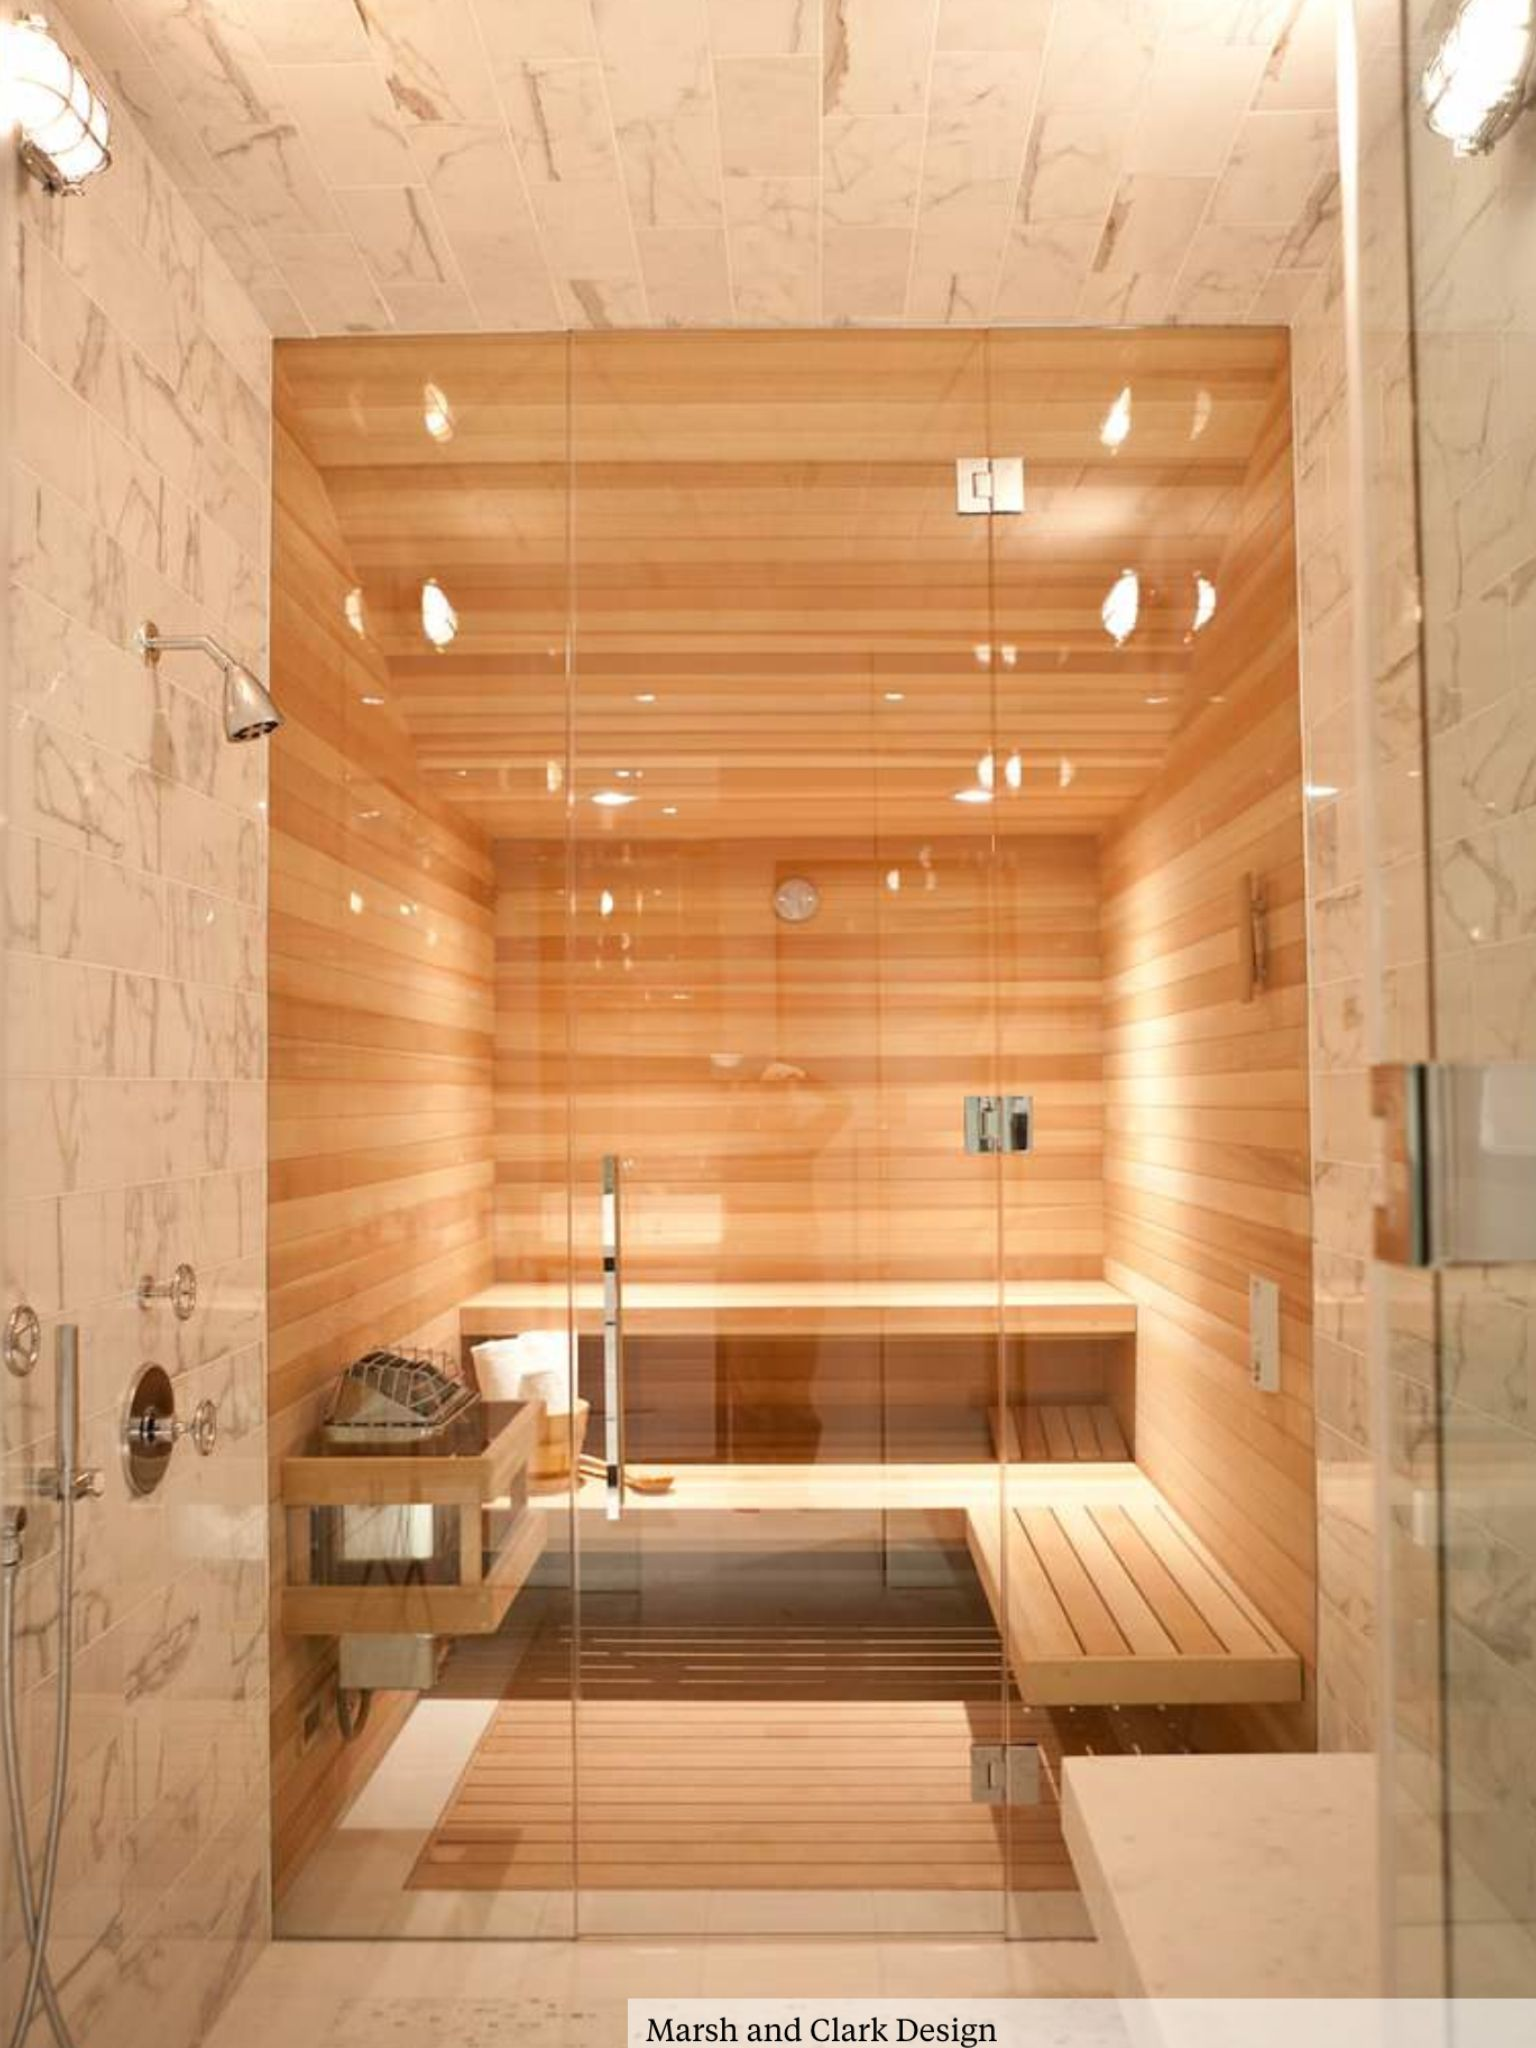 Hervorragend Modern Sauna Inneneinrichtung, Luxus Badezimmer, Kleine Badezimmer,  Badezimmer Design, Schlafzimmer, Bad